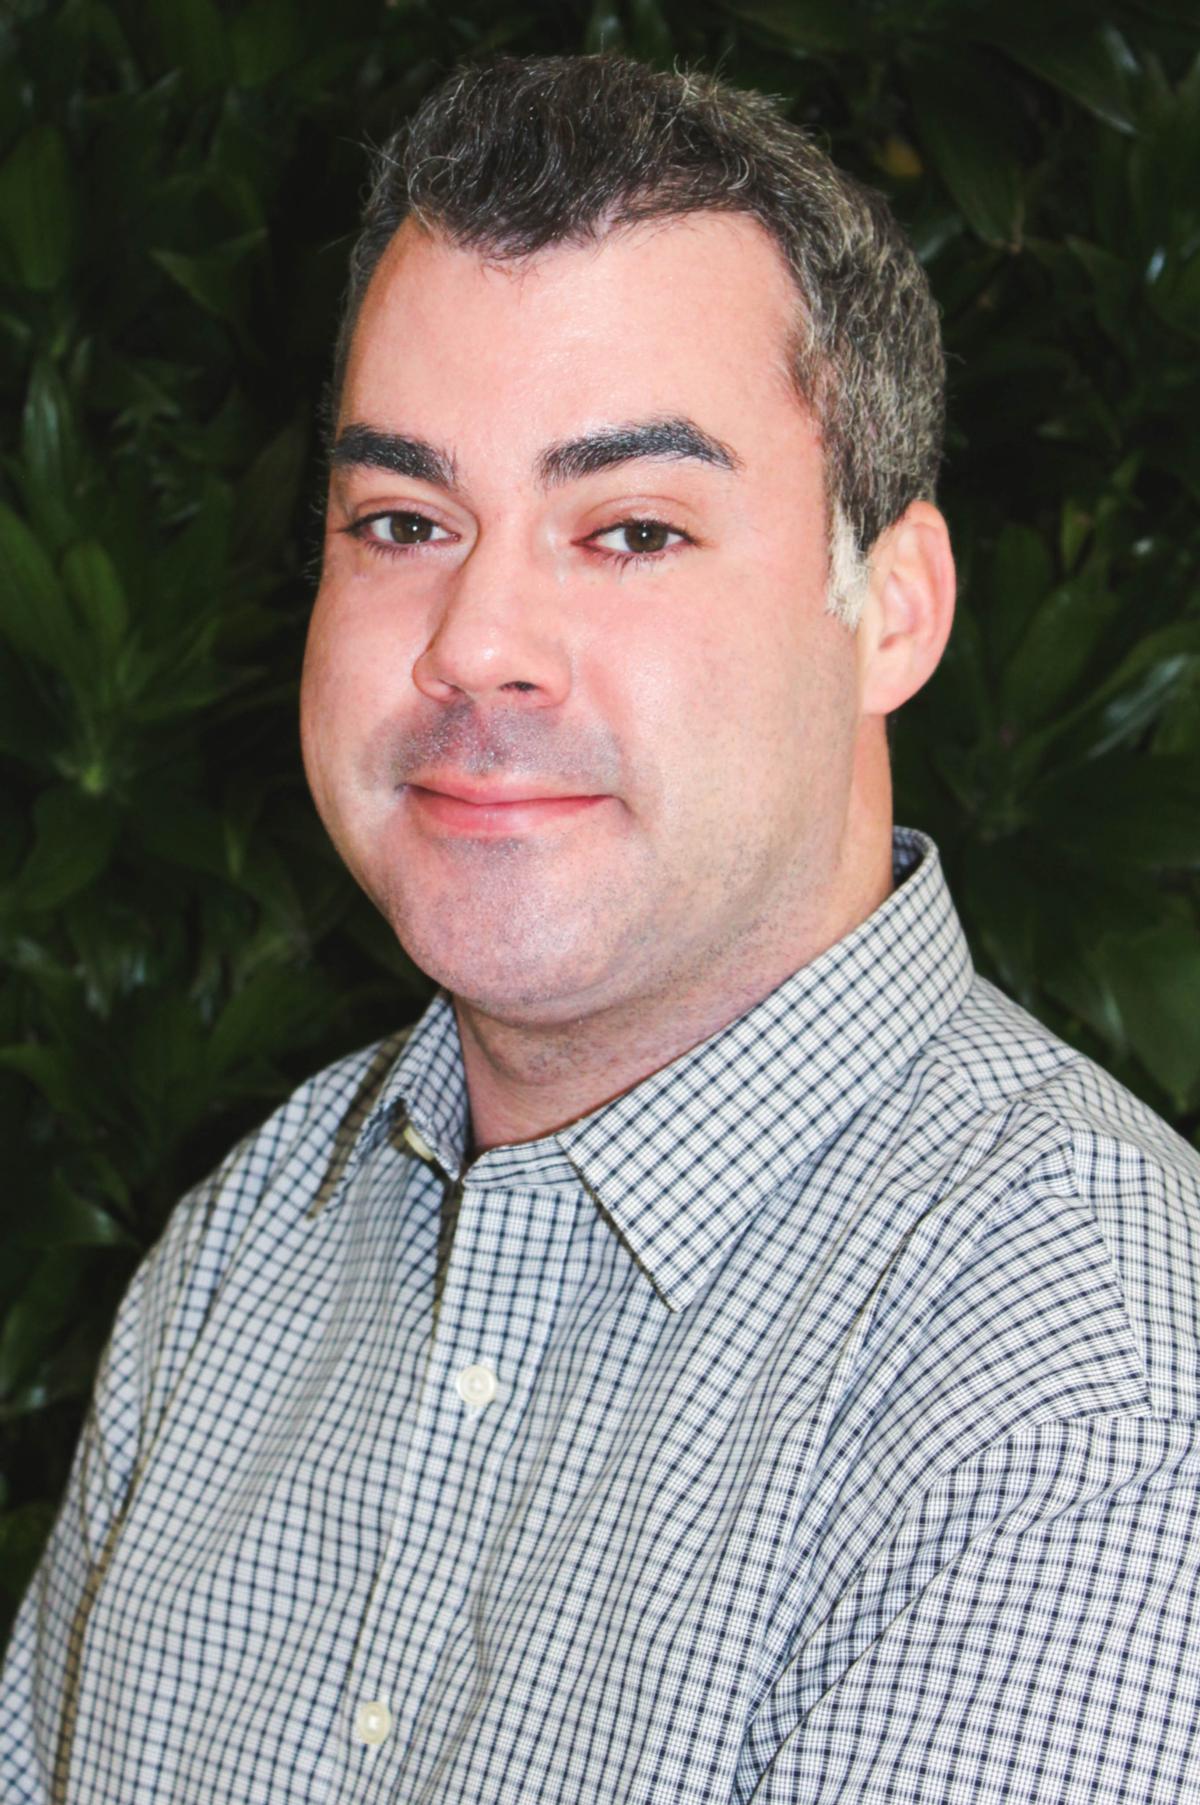 Dan Silva is the resort's director of spa